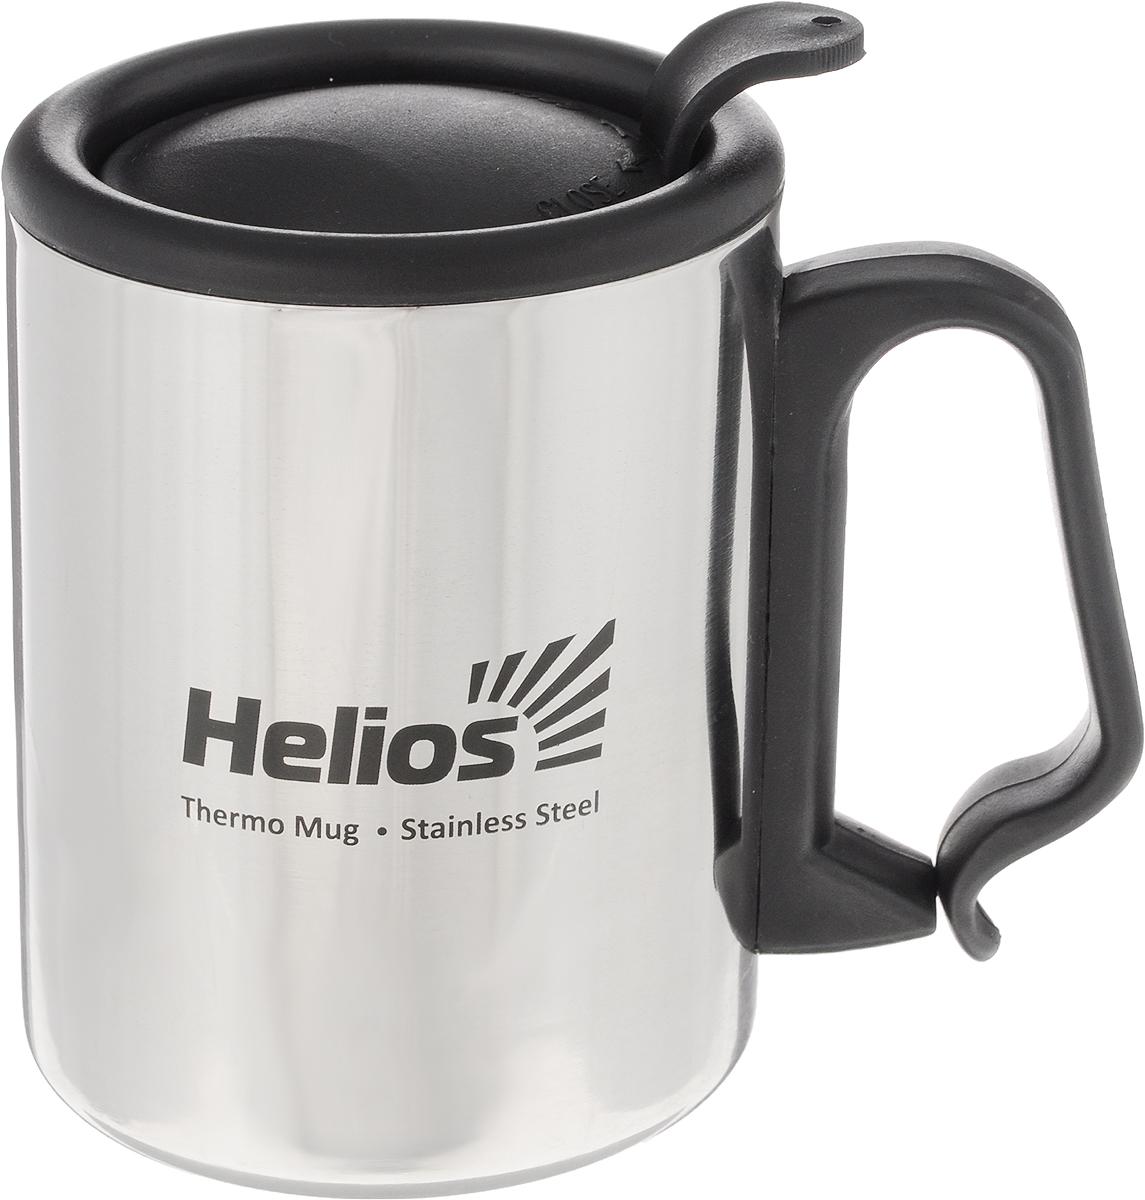 Термокружка HeliosHS TK-007,с крышкой-поилкой, 350 мл128984Термокружка Helios HS TK-007 предназначена специально для горячих и холодных напитков. Она изготовлена из высококачественной нержавеющей стали. Двойная стенка гарантирует долгое сохранение температуры и убережет от ожогов при заваривании чая или кофе. Крышка-поилка из термостойкого пластика предохраняет от проливания и не дает напитку остыть.Такая кружка прекрасно сохраняет свою целостность и первозданный вид даже при многократном использовании.Диаметр кружки (по верхнему краю): 8 см. Высота кружки (без учета крышки): 10 см.